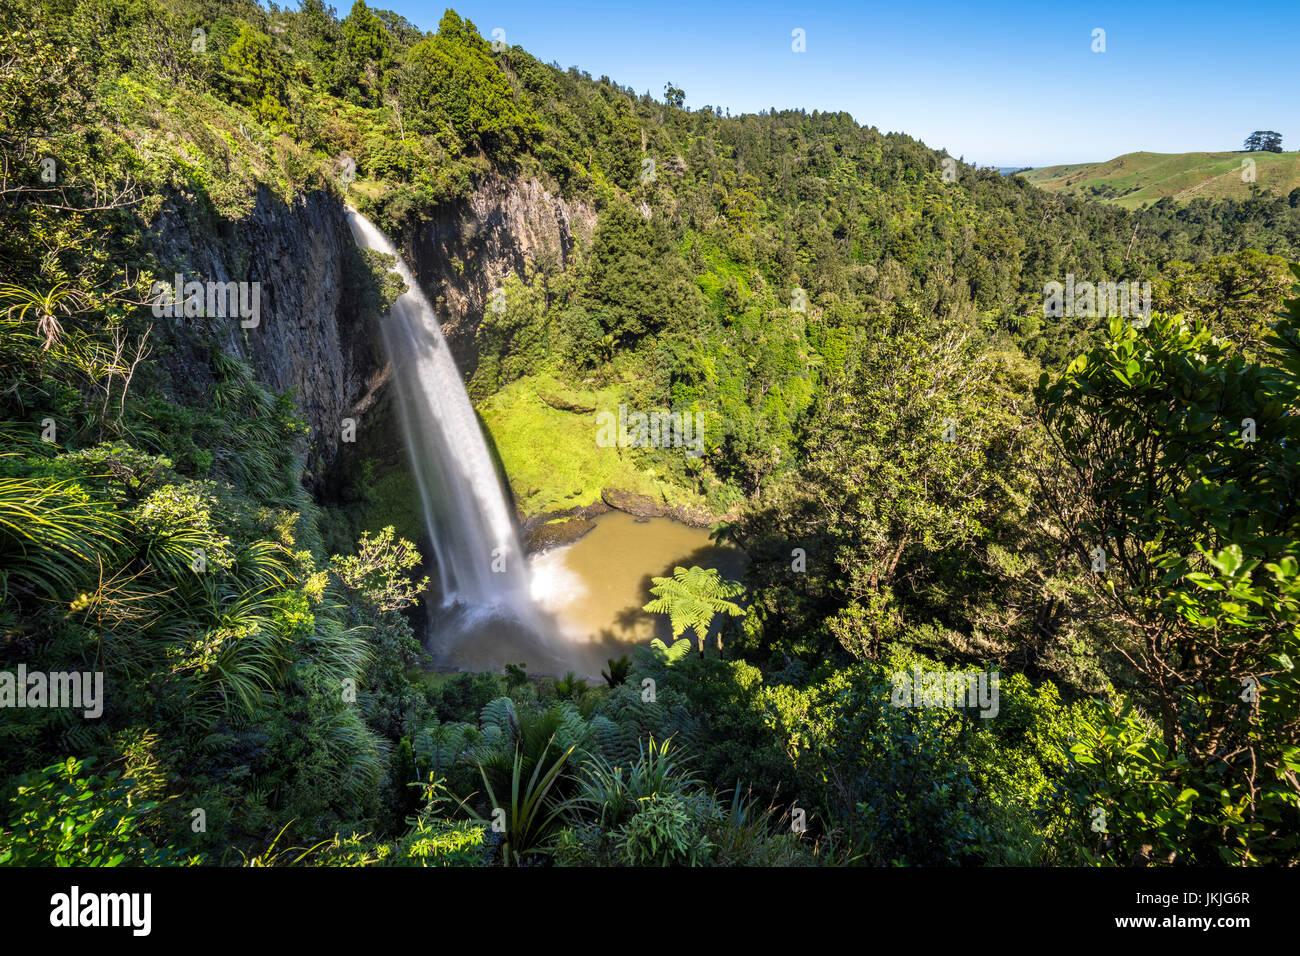 Nueva Zelanda, el norte de la isla, Raglan, Bridal Veil Falls Imagen De Stock